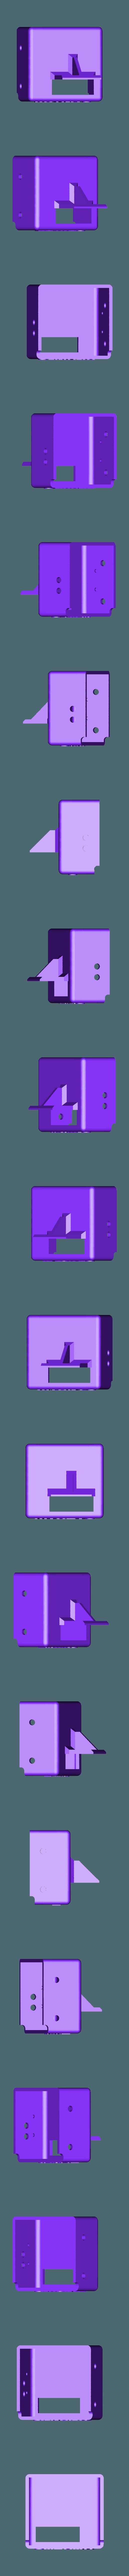 D6_BondTech_Ribbon_Holder_Cover_v2_v3.stl Download free STL file Wanhao D6 / Duplicator 6 / Monoprice Ultimate Maker Ribbon Cable Holder for BondTech • 3D print object, nik101968